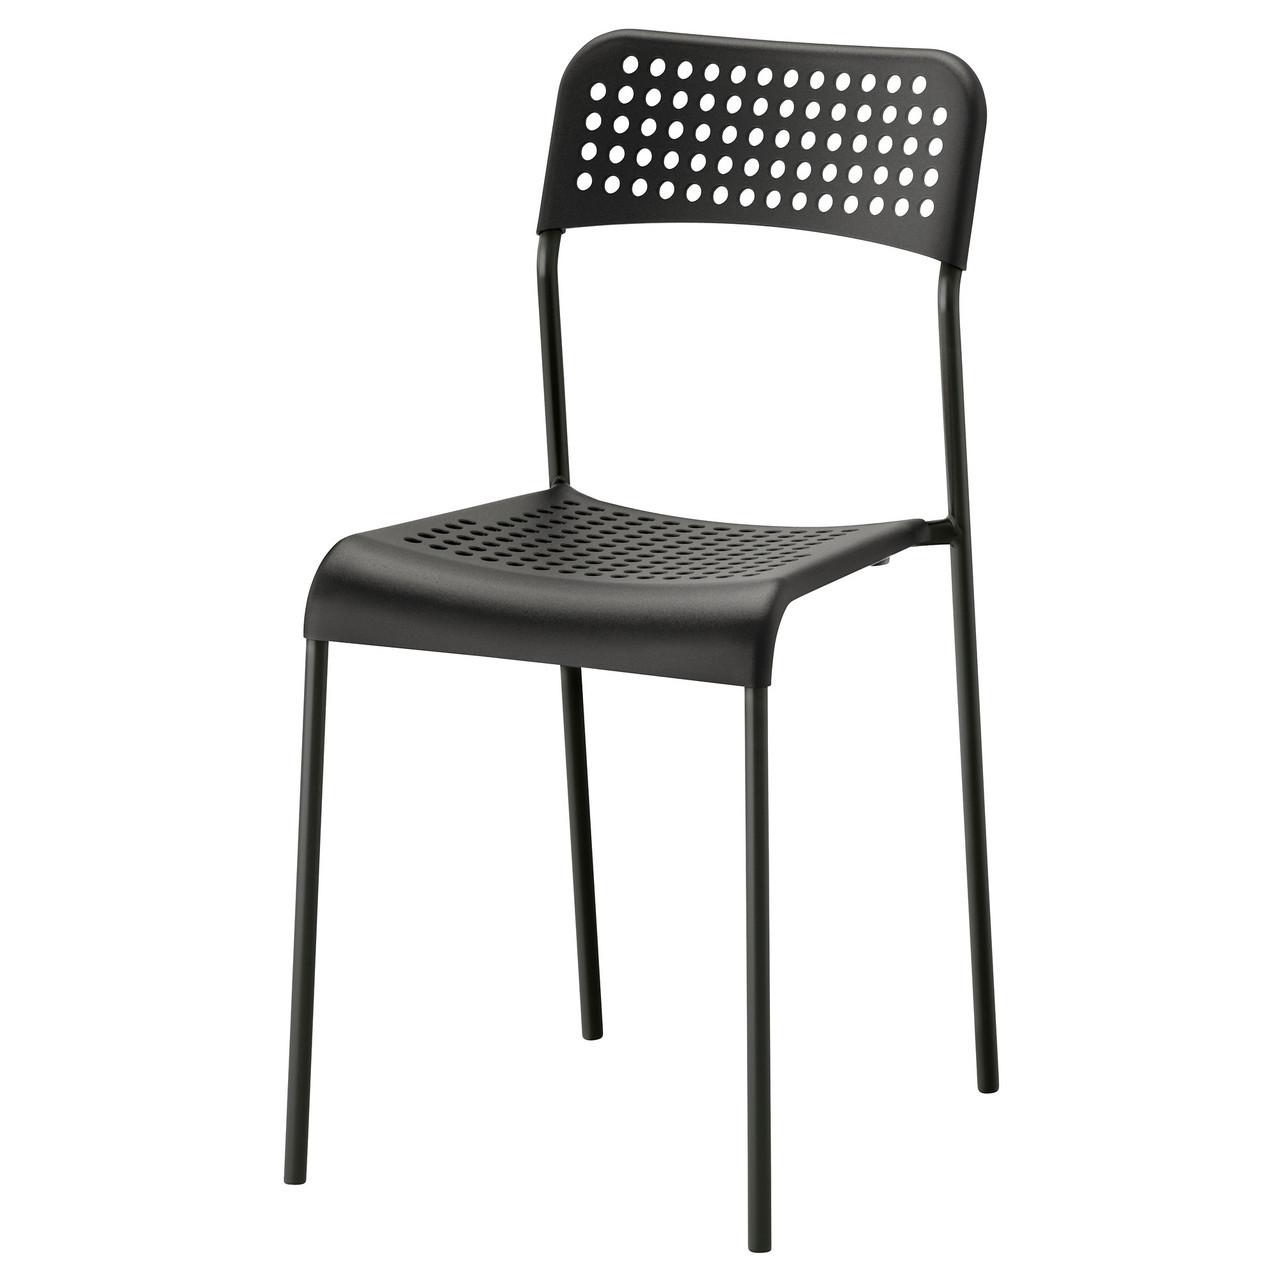 Стілець ікеа ADDE , чорний, IKEA, 902.142.85